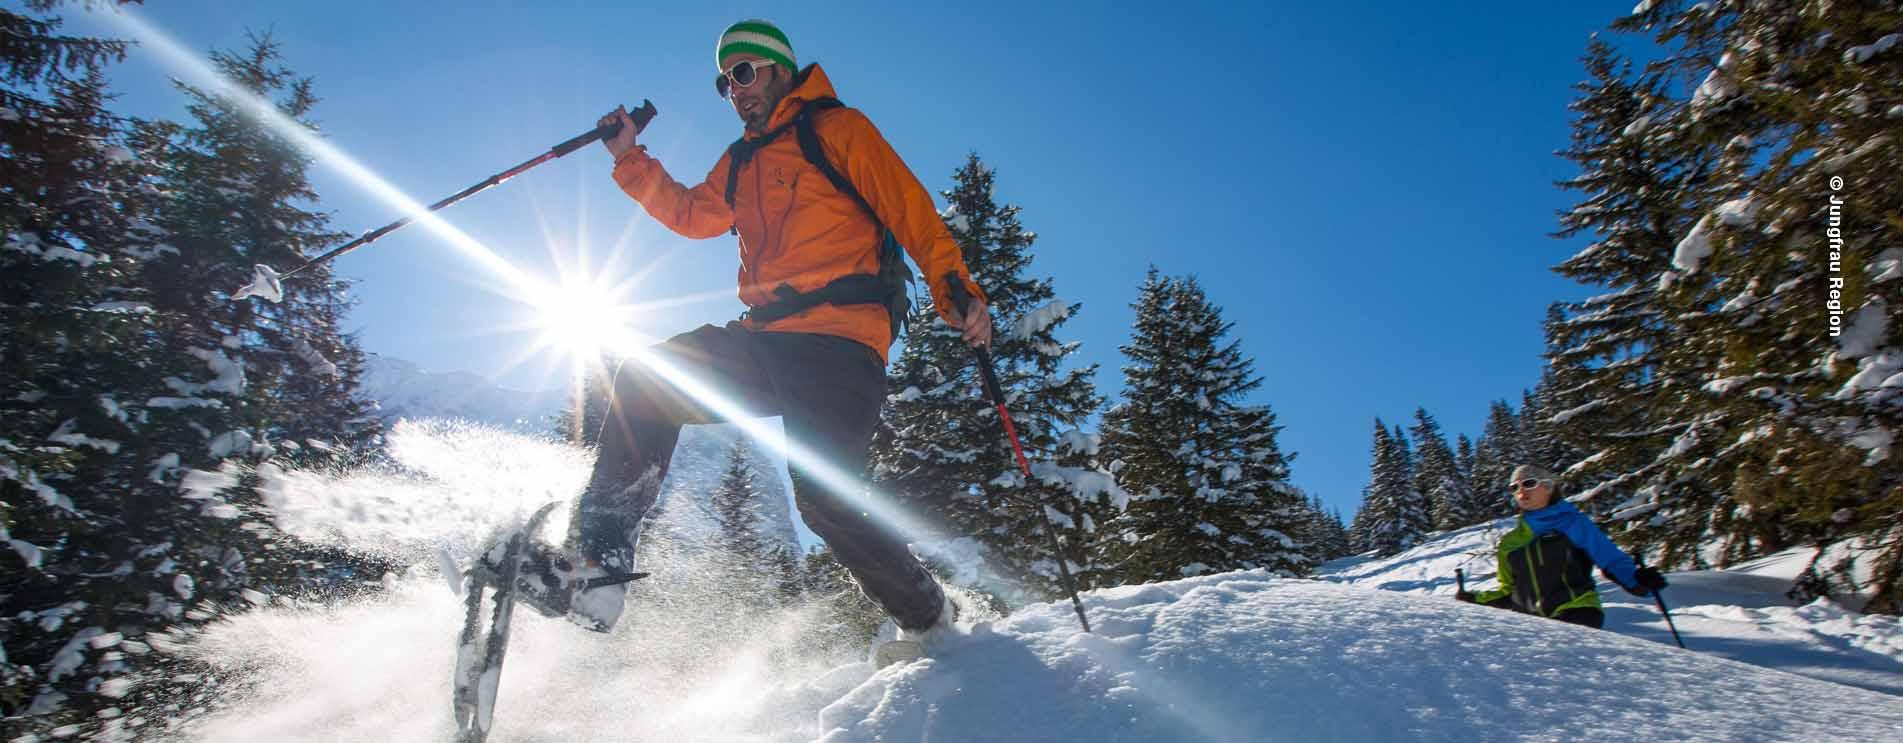 Schneeschuhwandern Schweiz – Die schönsten Schneeschuh-Trails